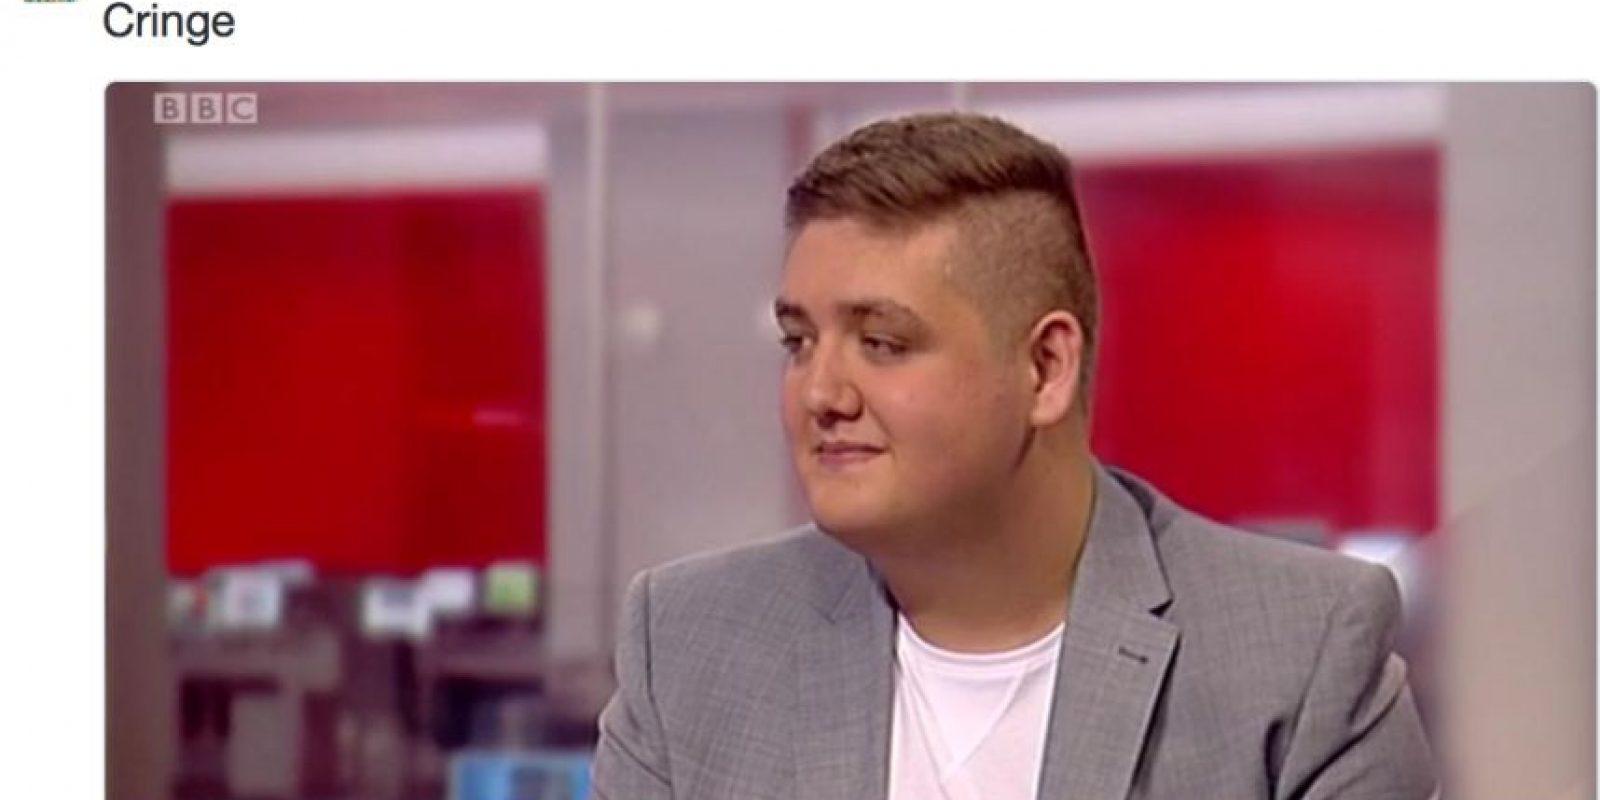 Tom ya estuvo en BBC gracias a esto. Foto:vía Twitter/Thomas Bleasby